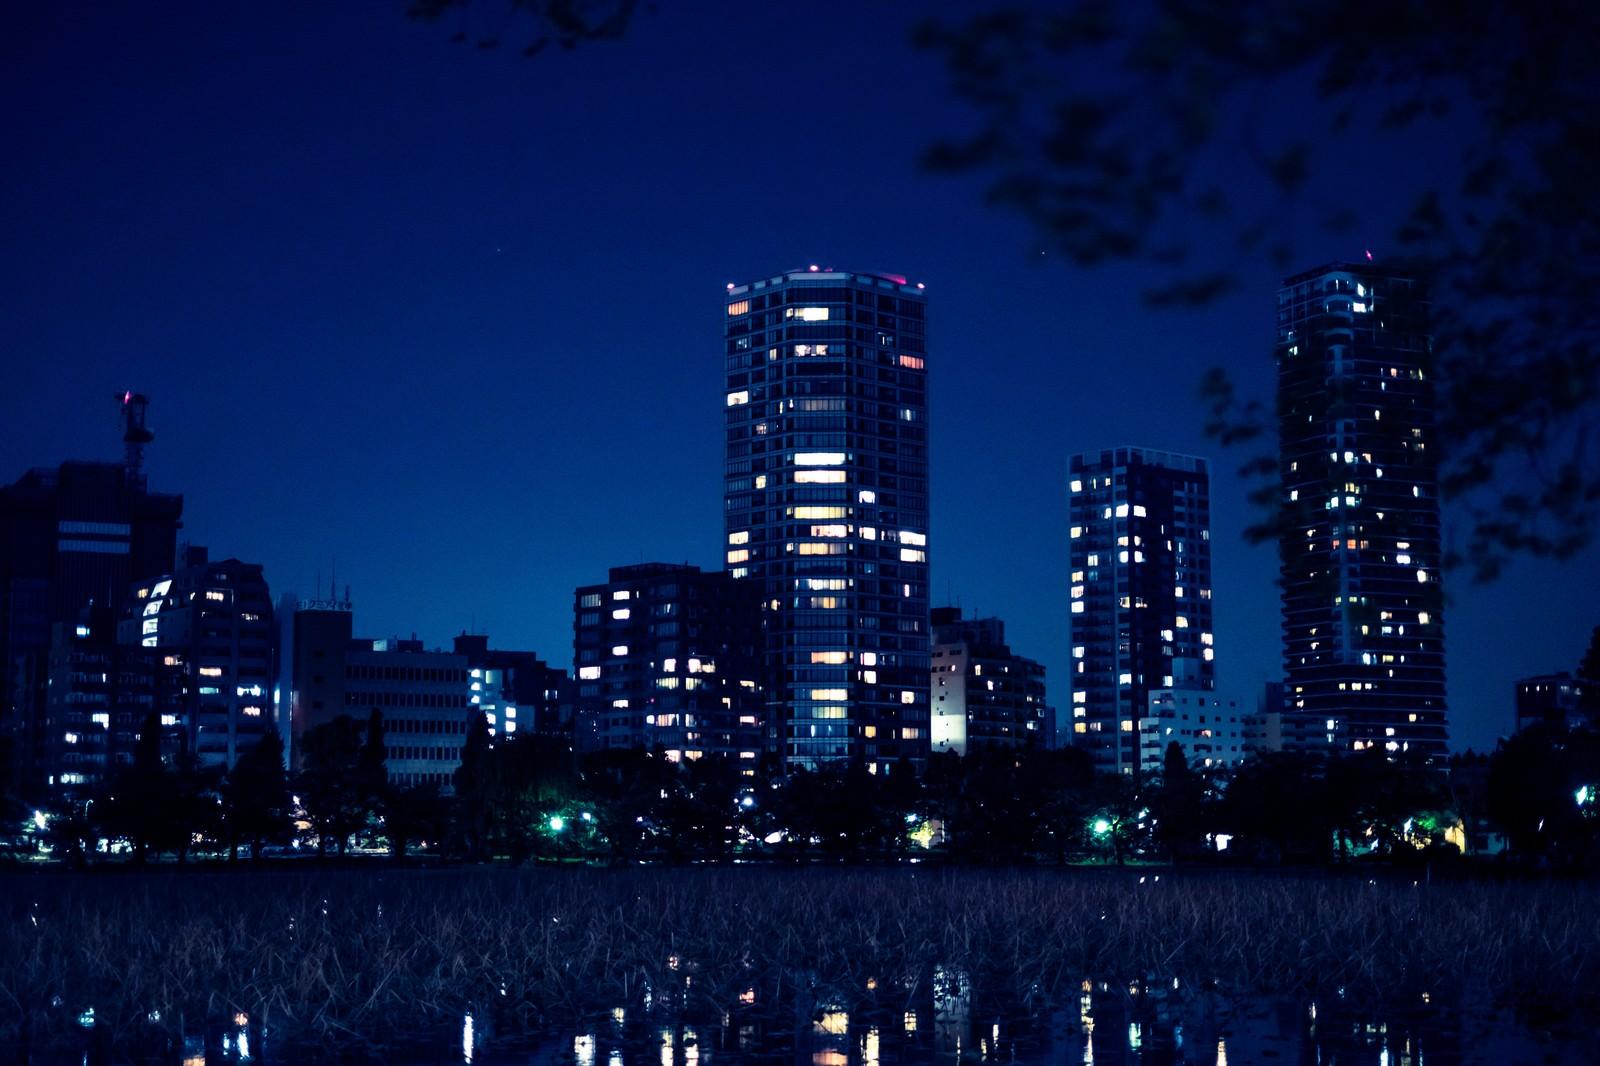 「高層マンションと不忍池の夜高層マンションと不忍池の夜」のフリー写真素材を拡大